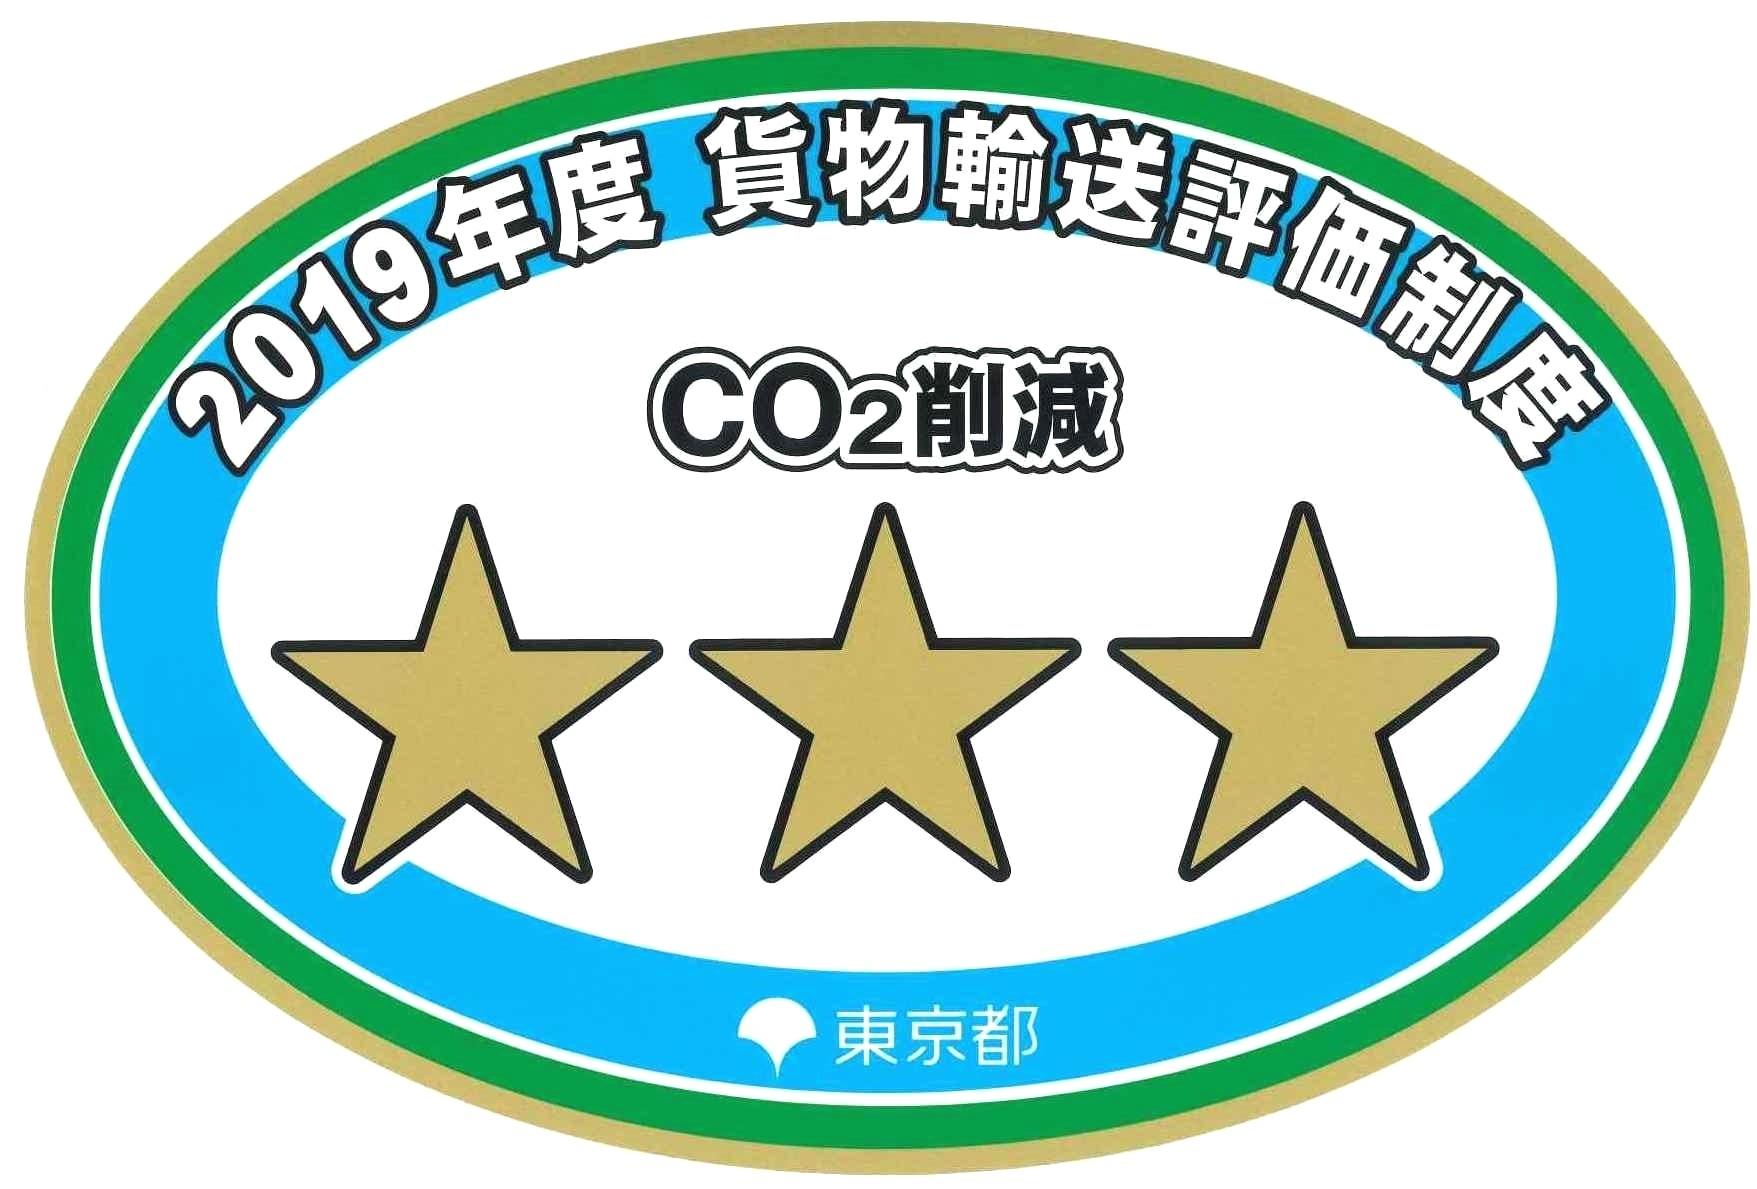 2017年度 貨物輸送評価制度 ★★★